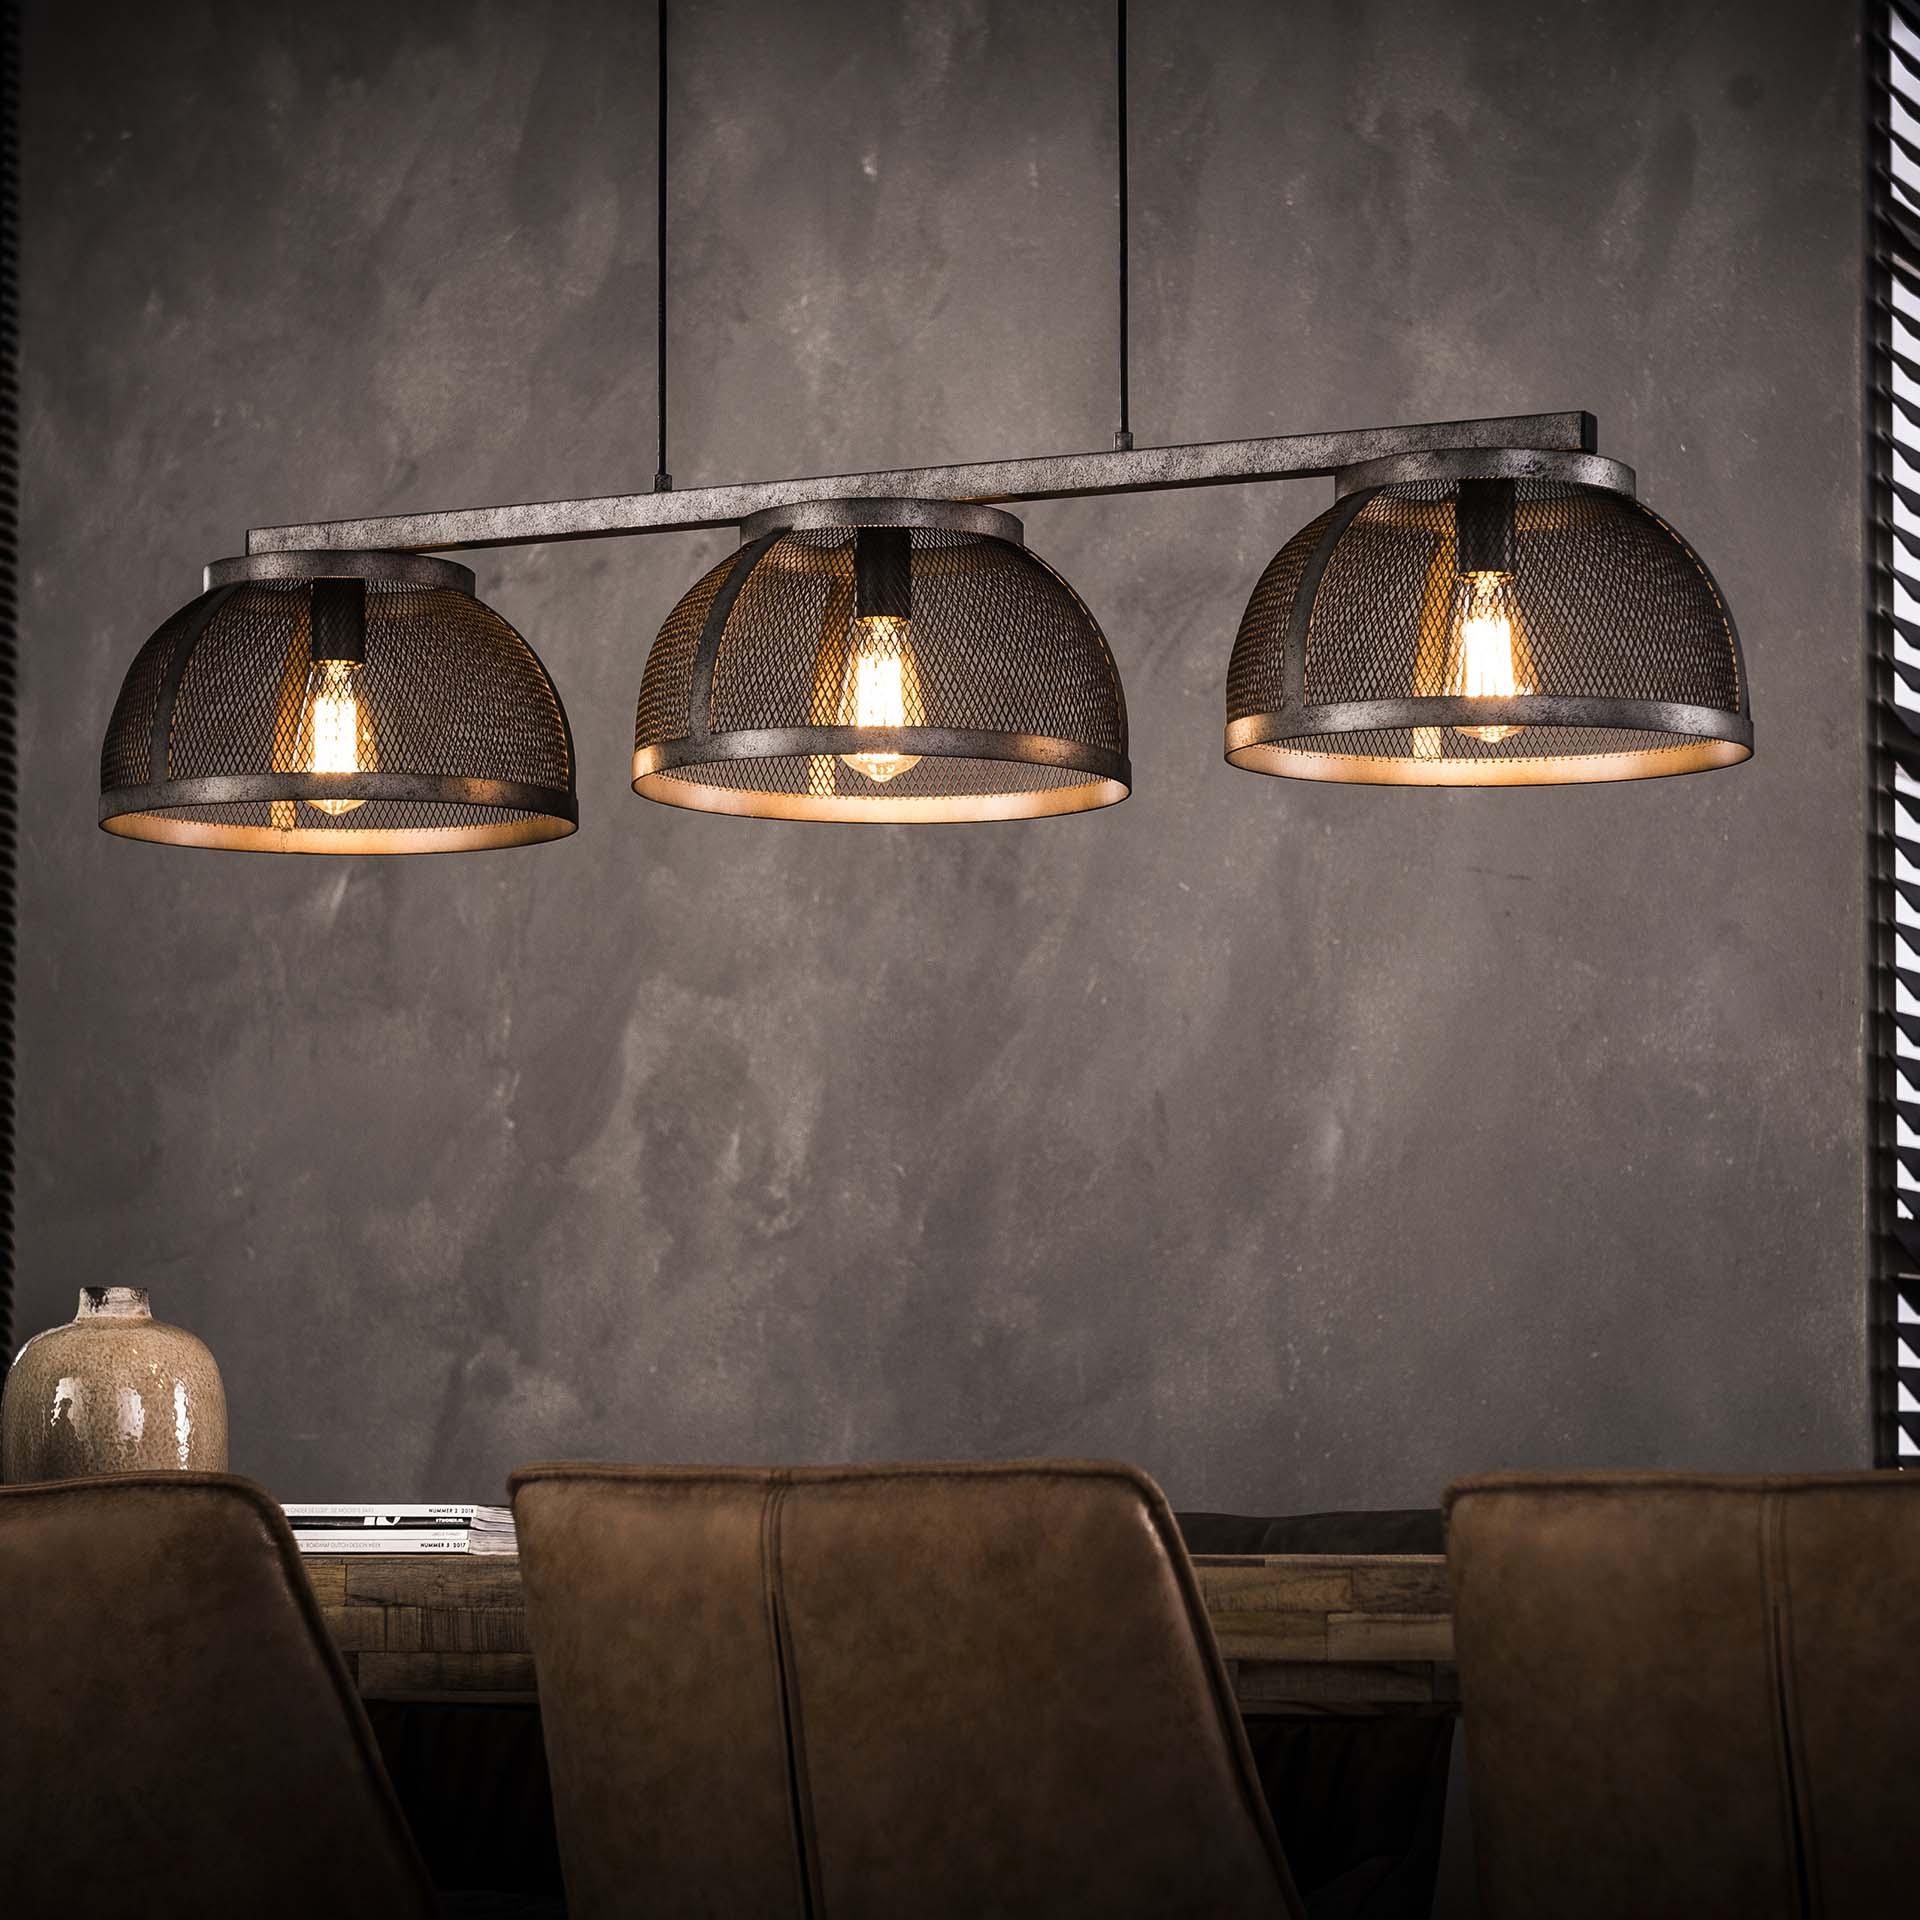 Industriële Hanglamp 'Lee' 3-lamps Ø35cm korting